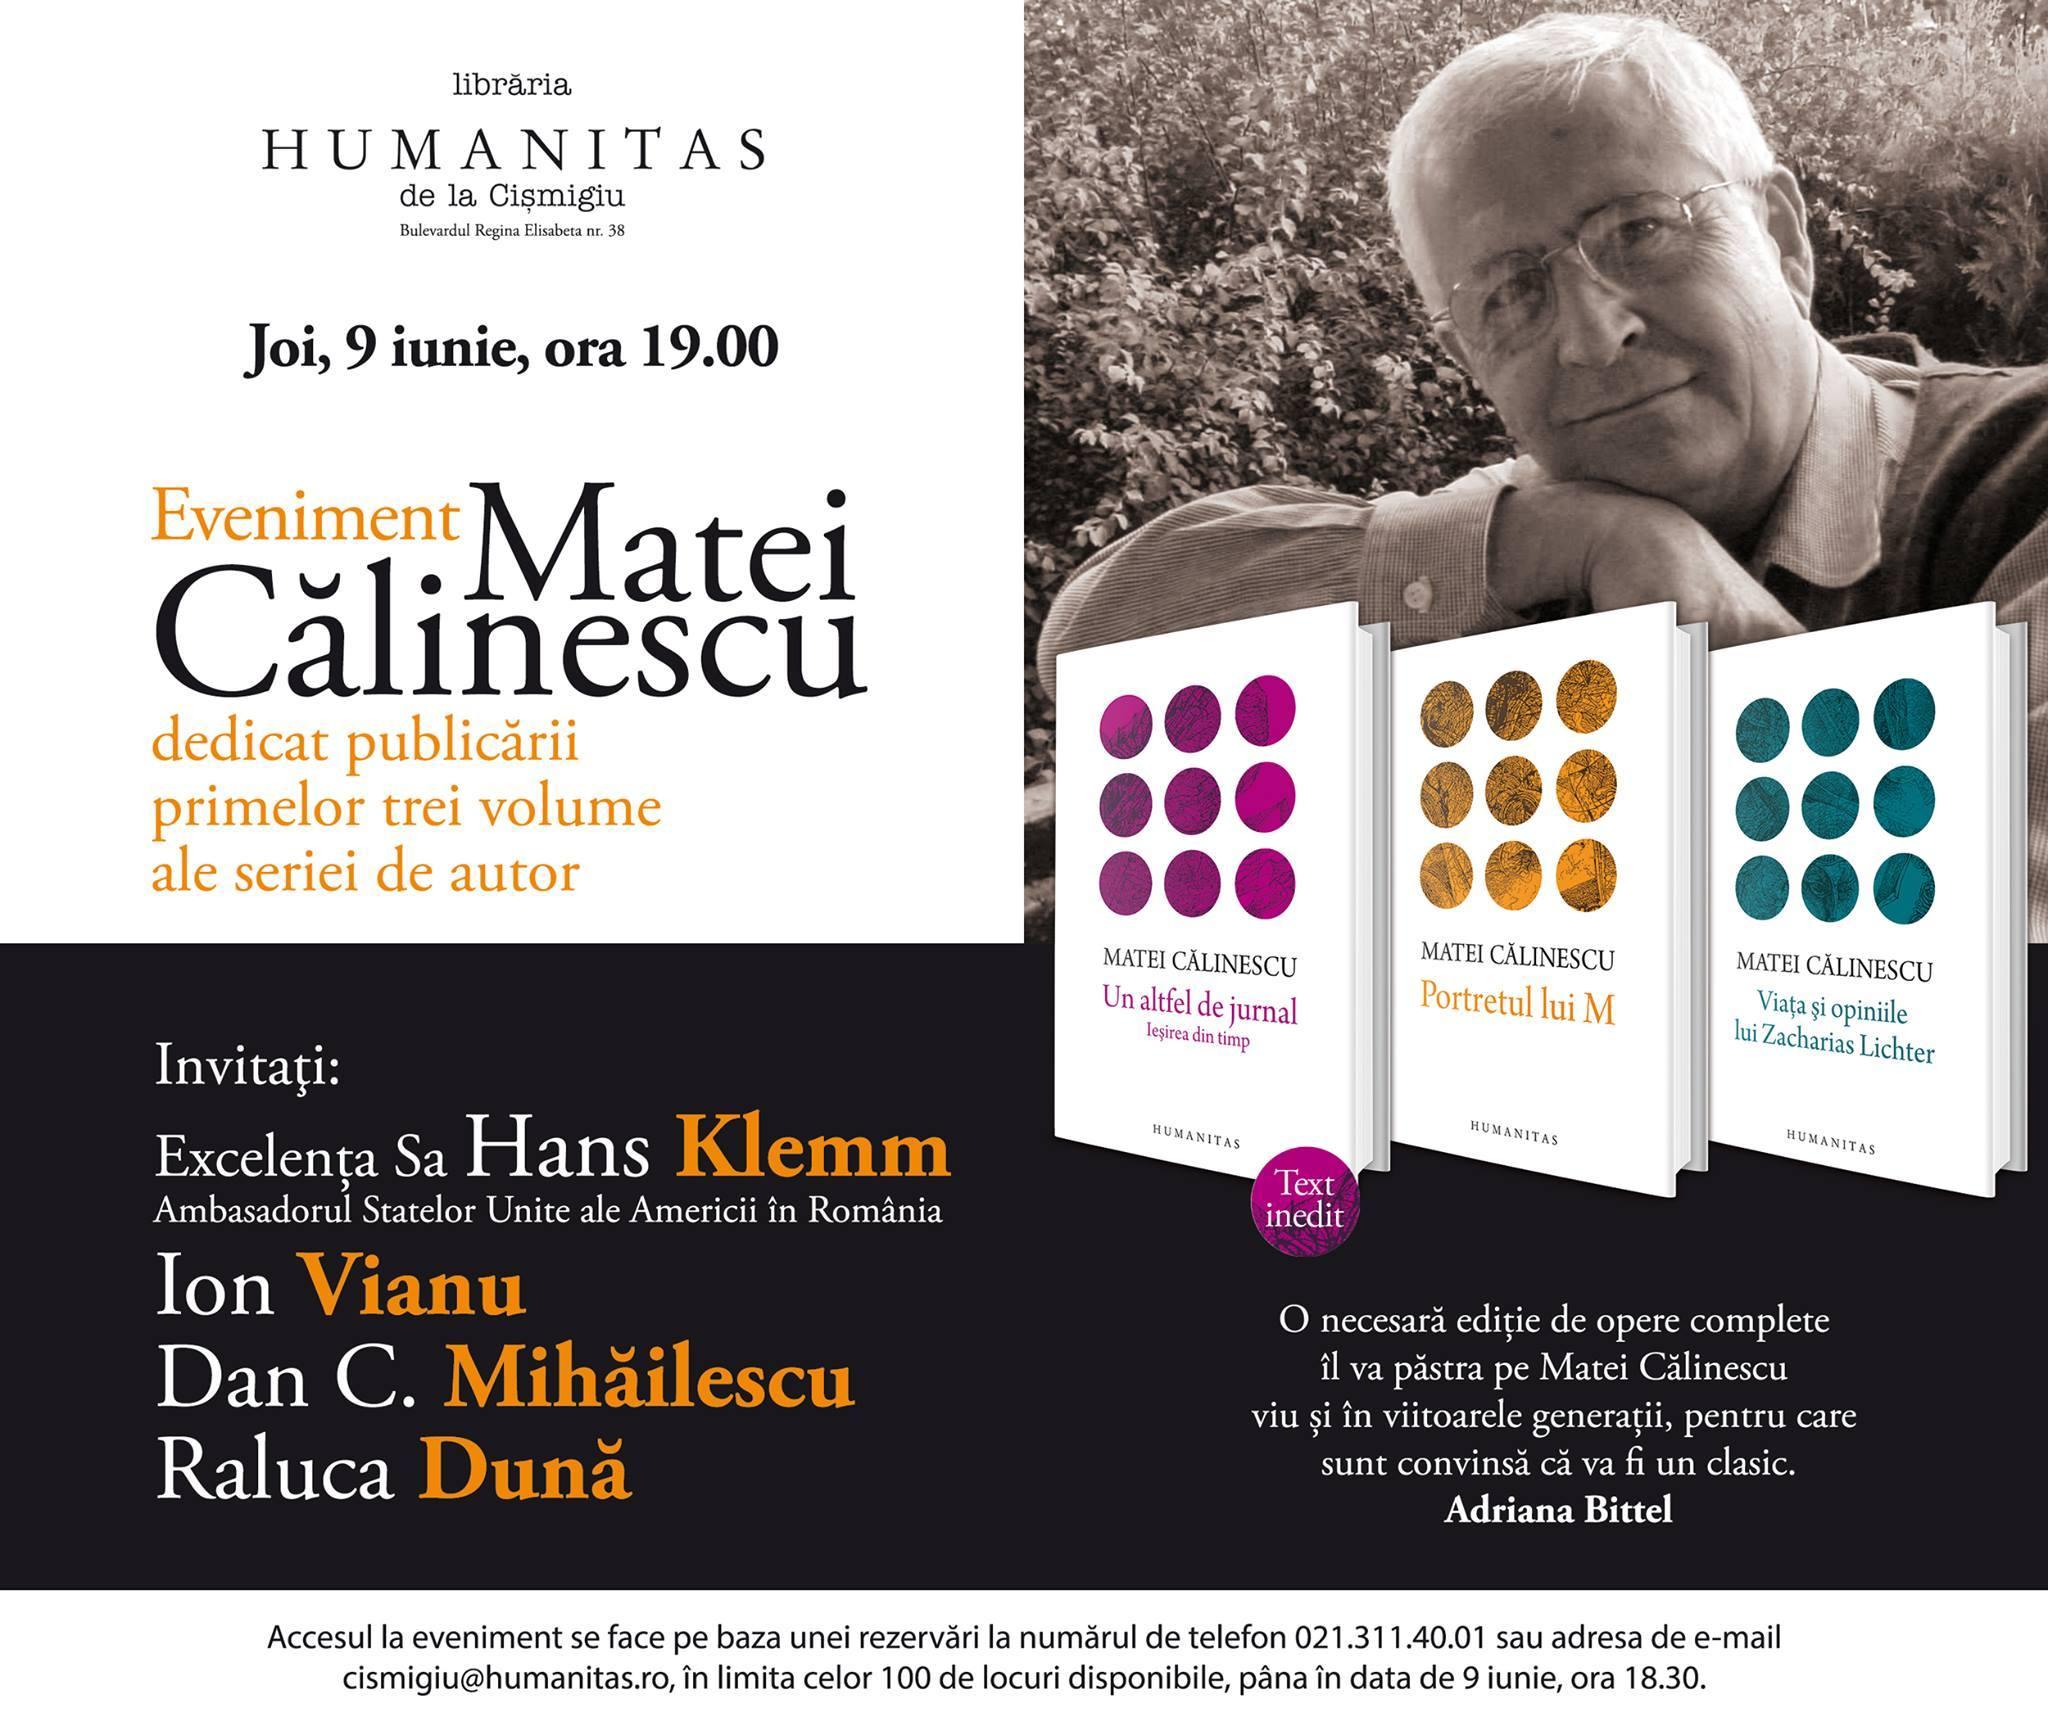 Eveniment Matei Călinescu la Humanitas Cișmigiu